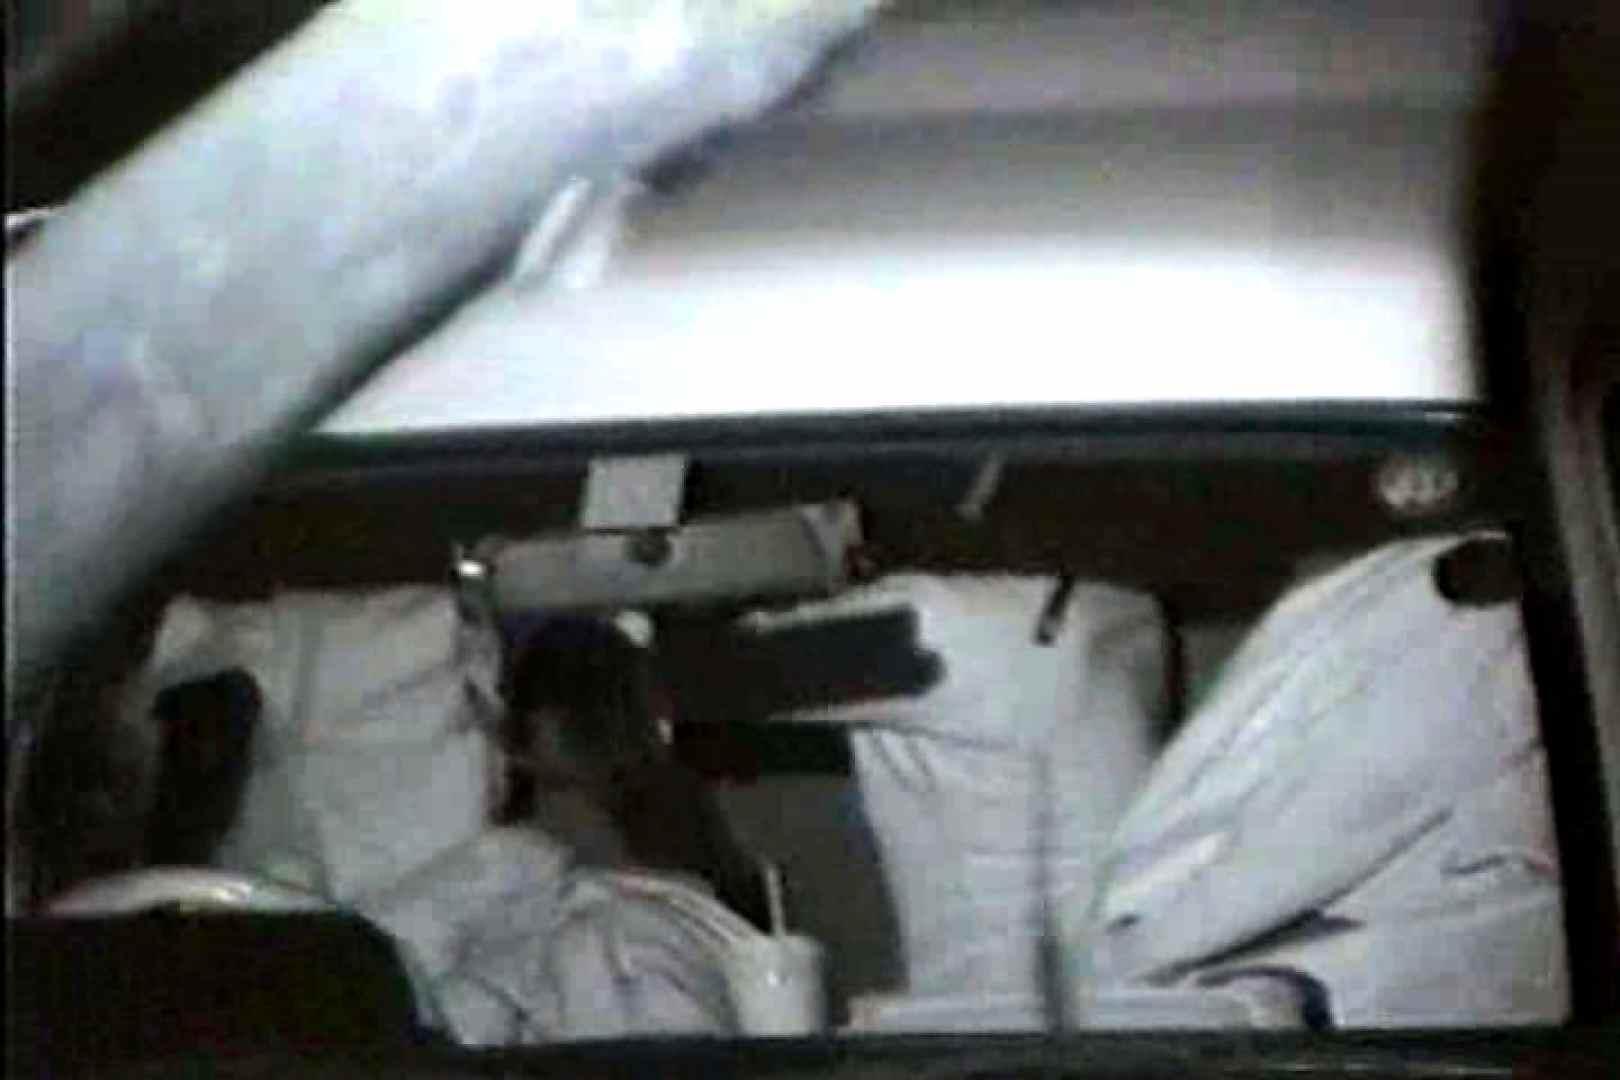 車の中はラブホテル 無修正版  Vol.8 濃厚セックス 盗撮動画紹介 108PICs 67